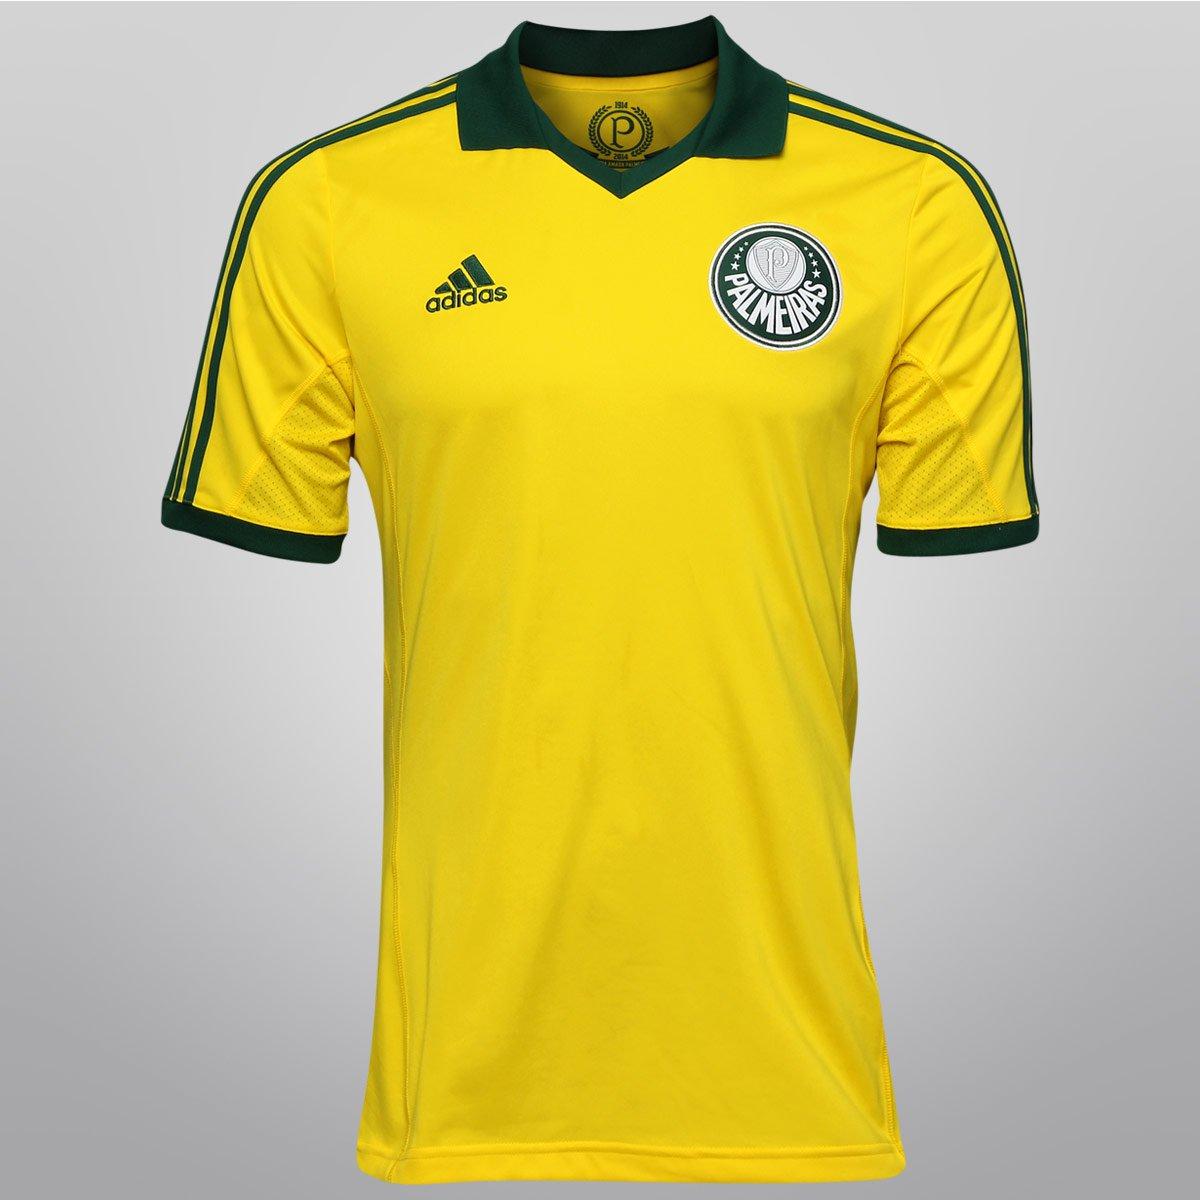 4570b80465 Camisa Adidas Palmeiras III 13 14 s nº - Centenário - Compre Agora ...